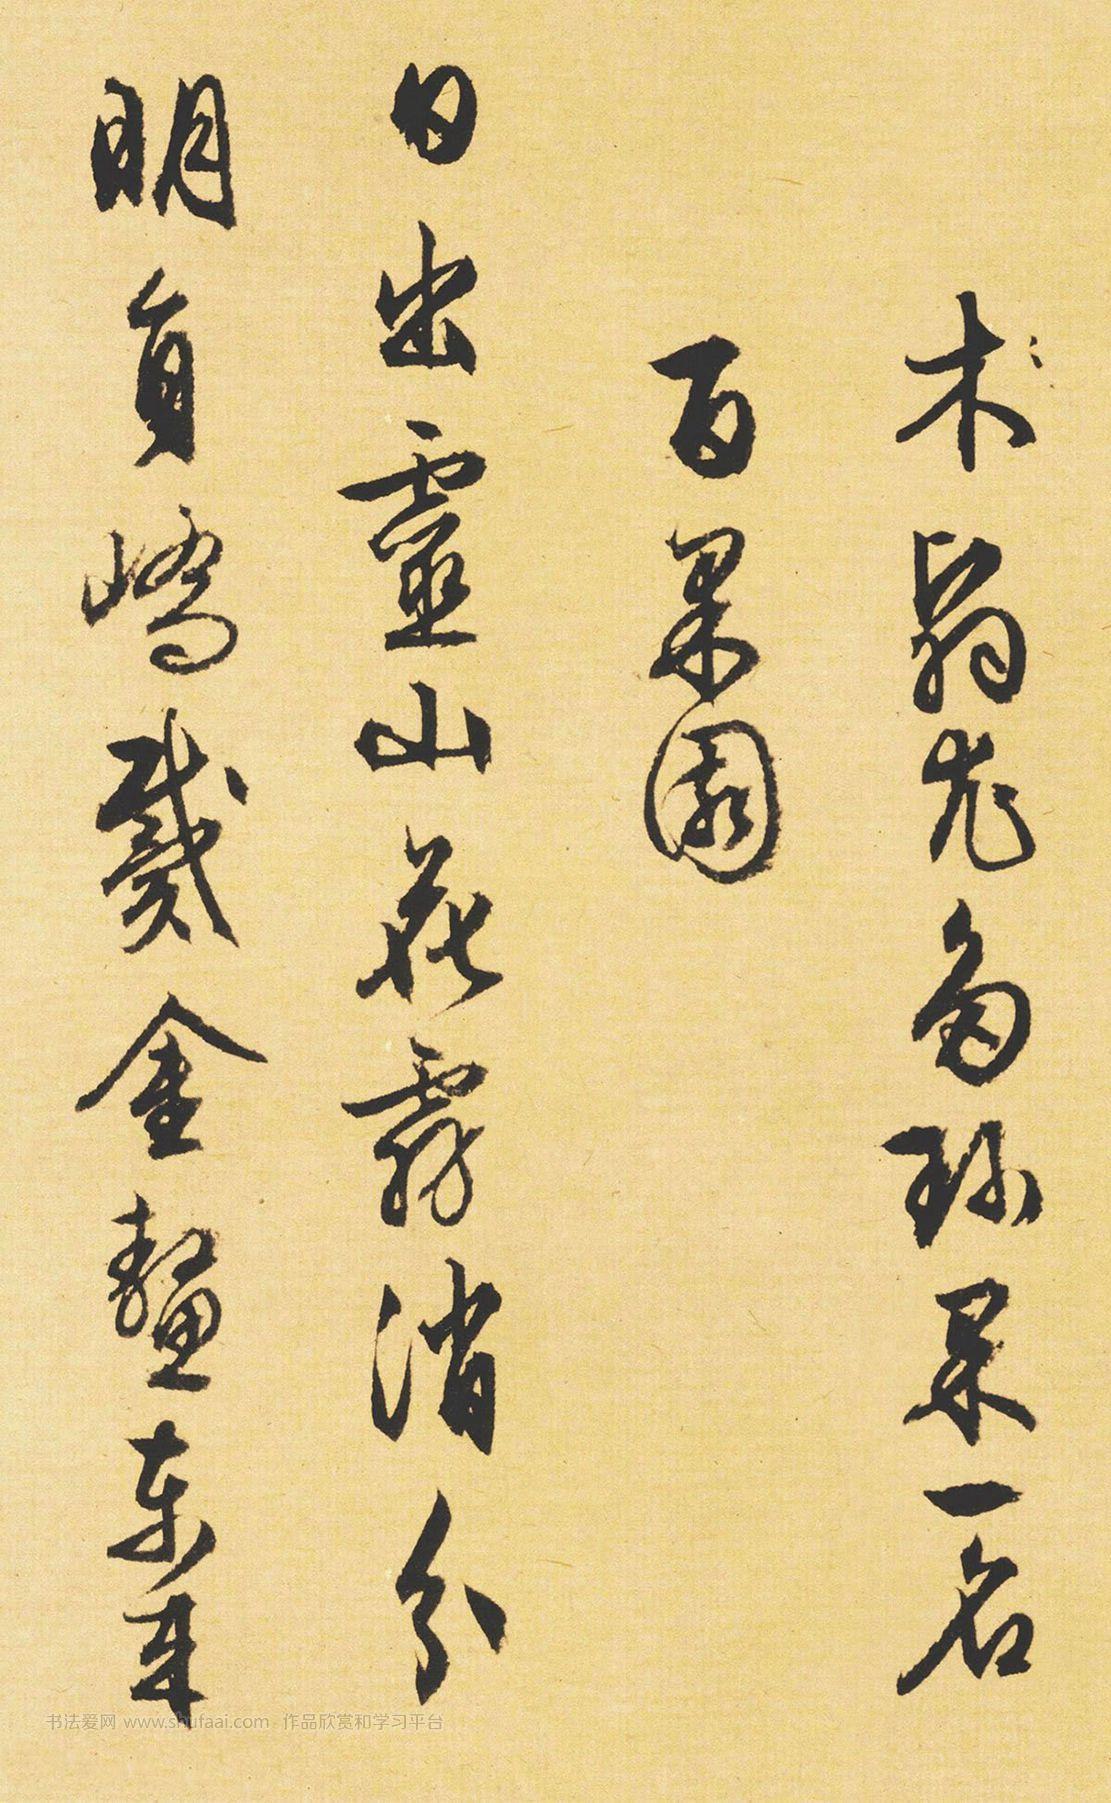 文征明书法《西苑诗》 时年八十九岁高龄